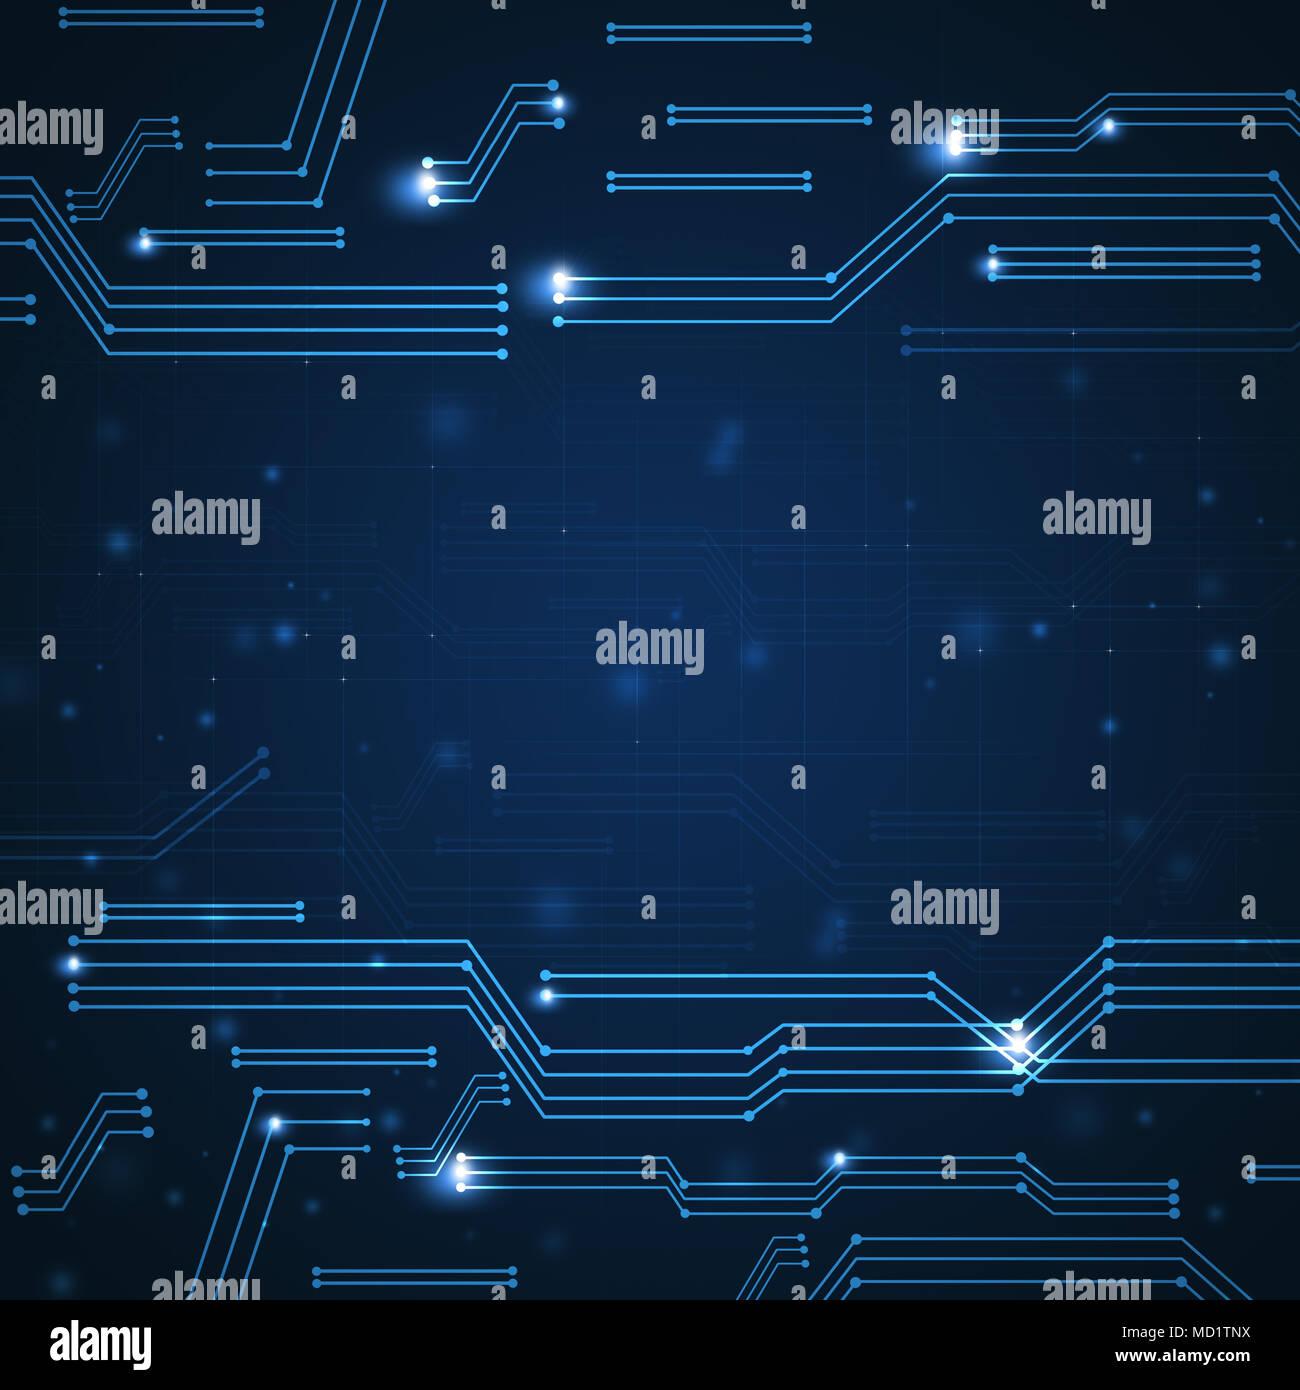 Concetto digitale schema grafico connessioni sfondo tecnologico Immagini Stock